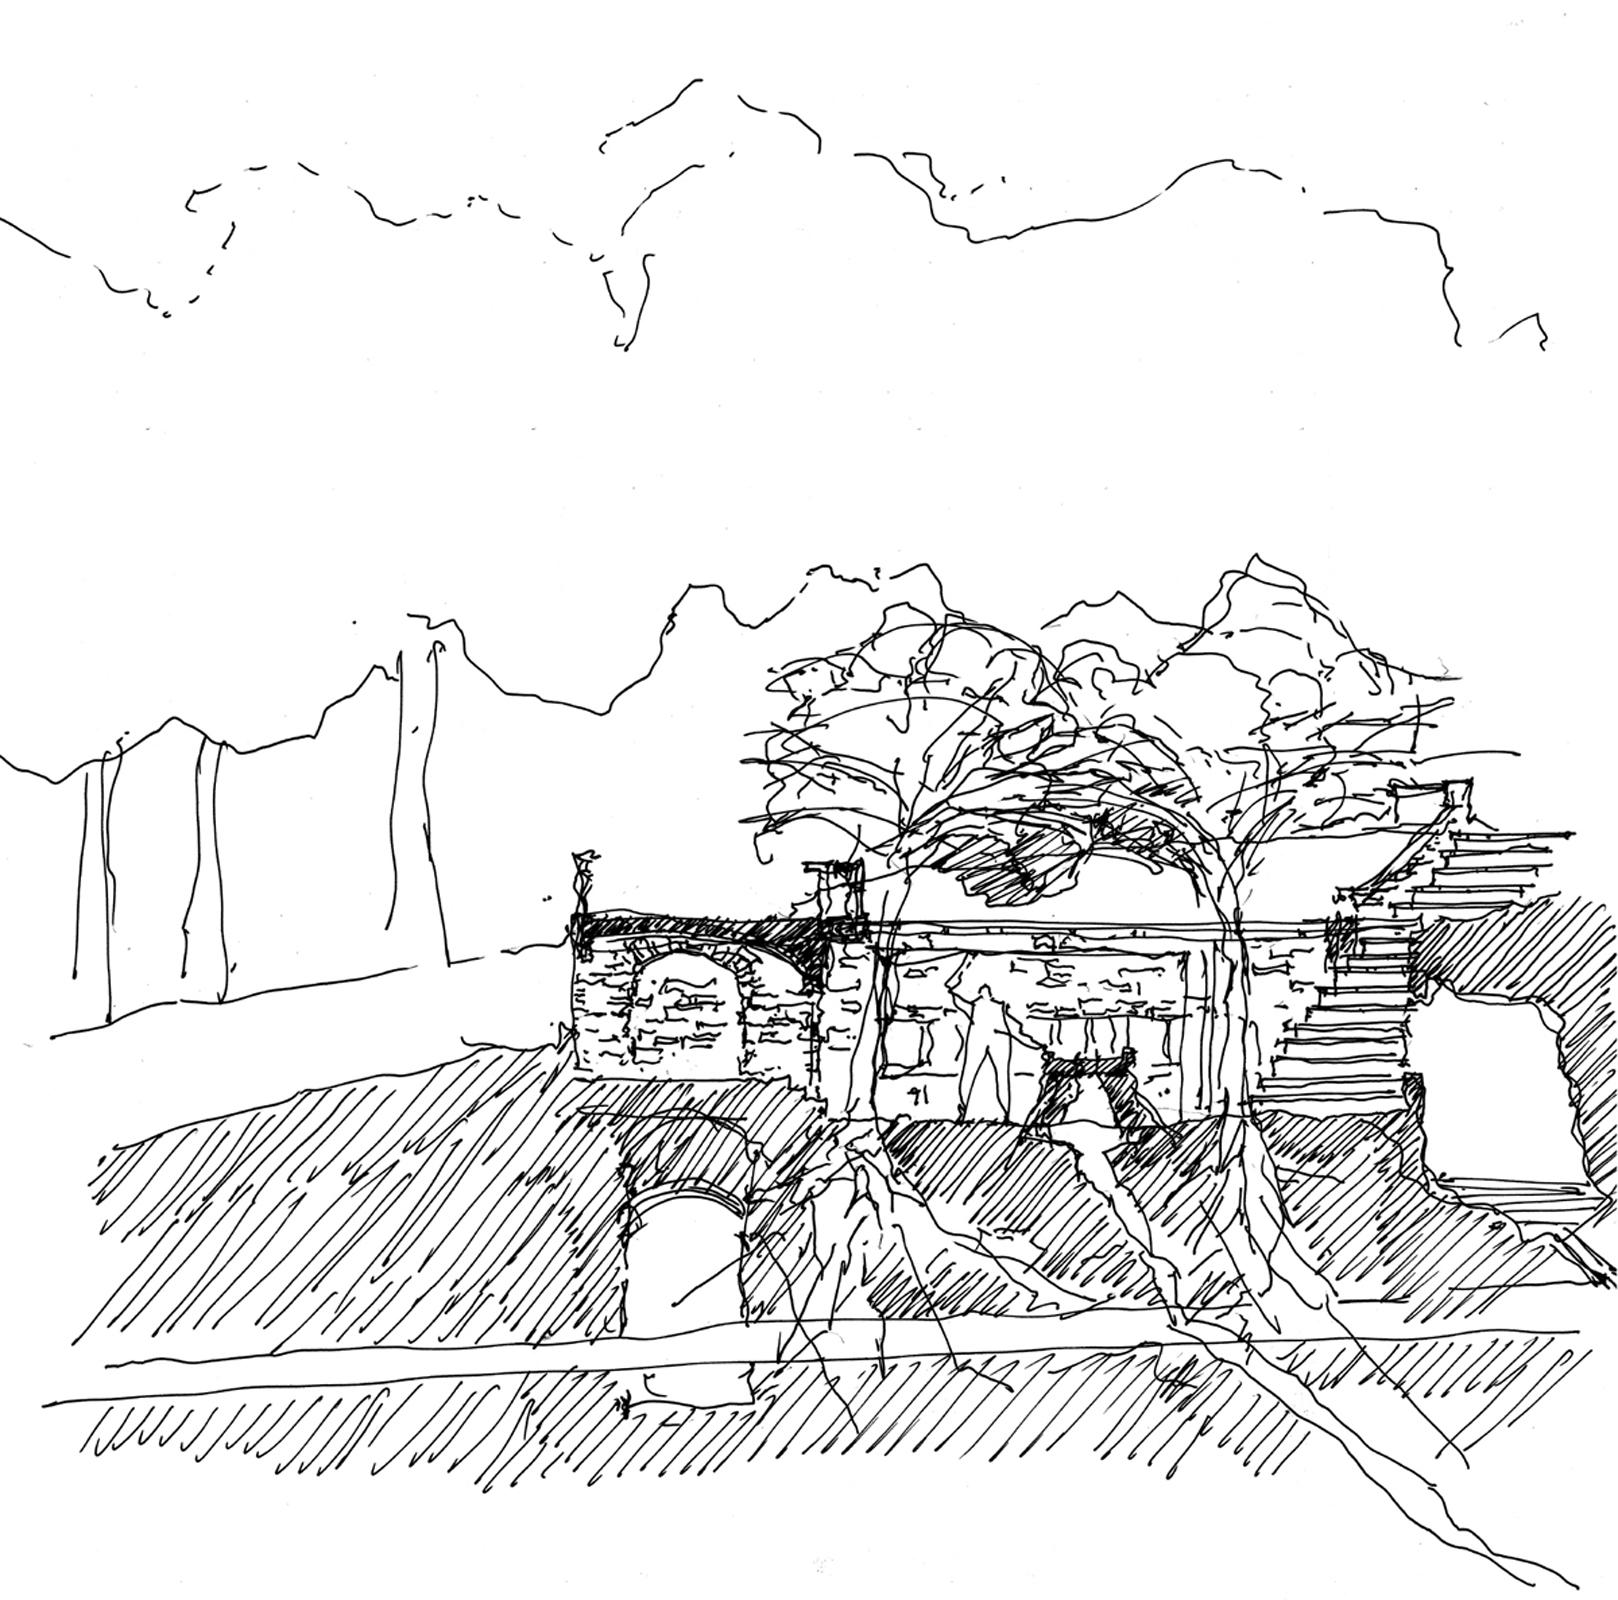 Hot Springs_sketch(1).jpg